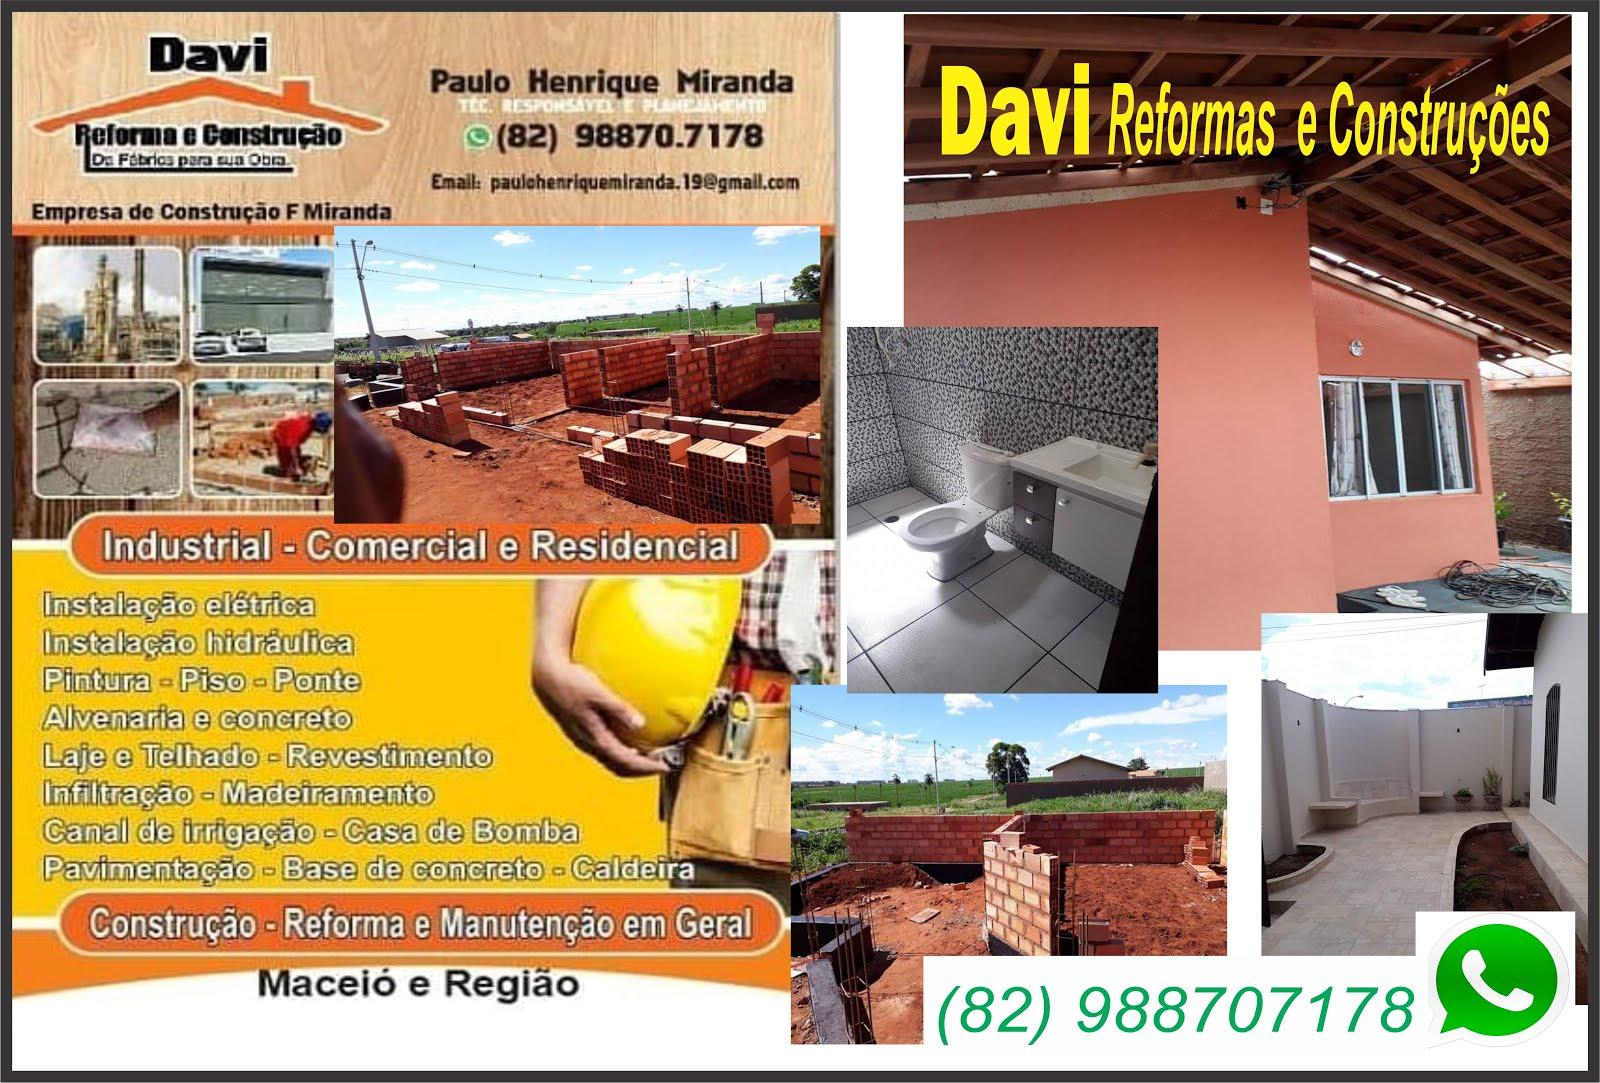 DAVI   REFORMAS E CONSTRUÇÕES